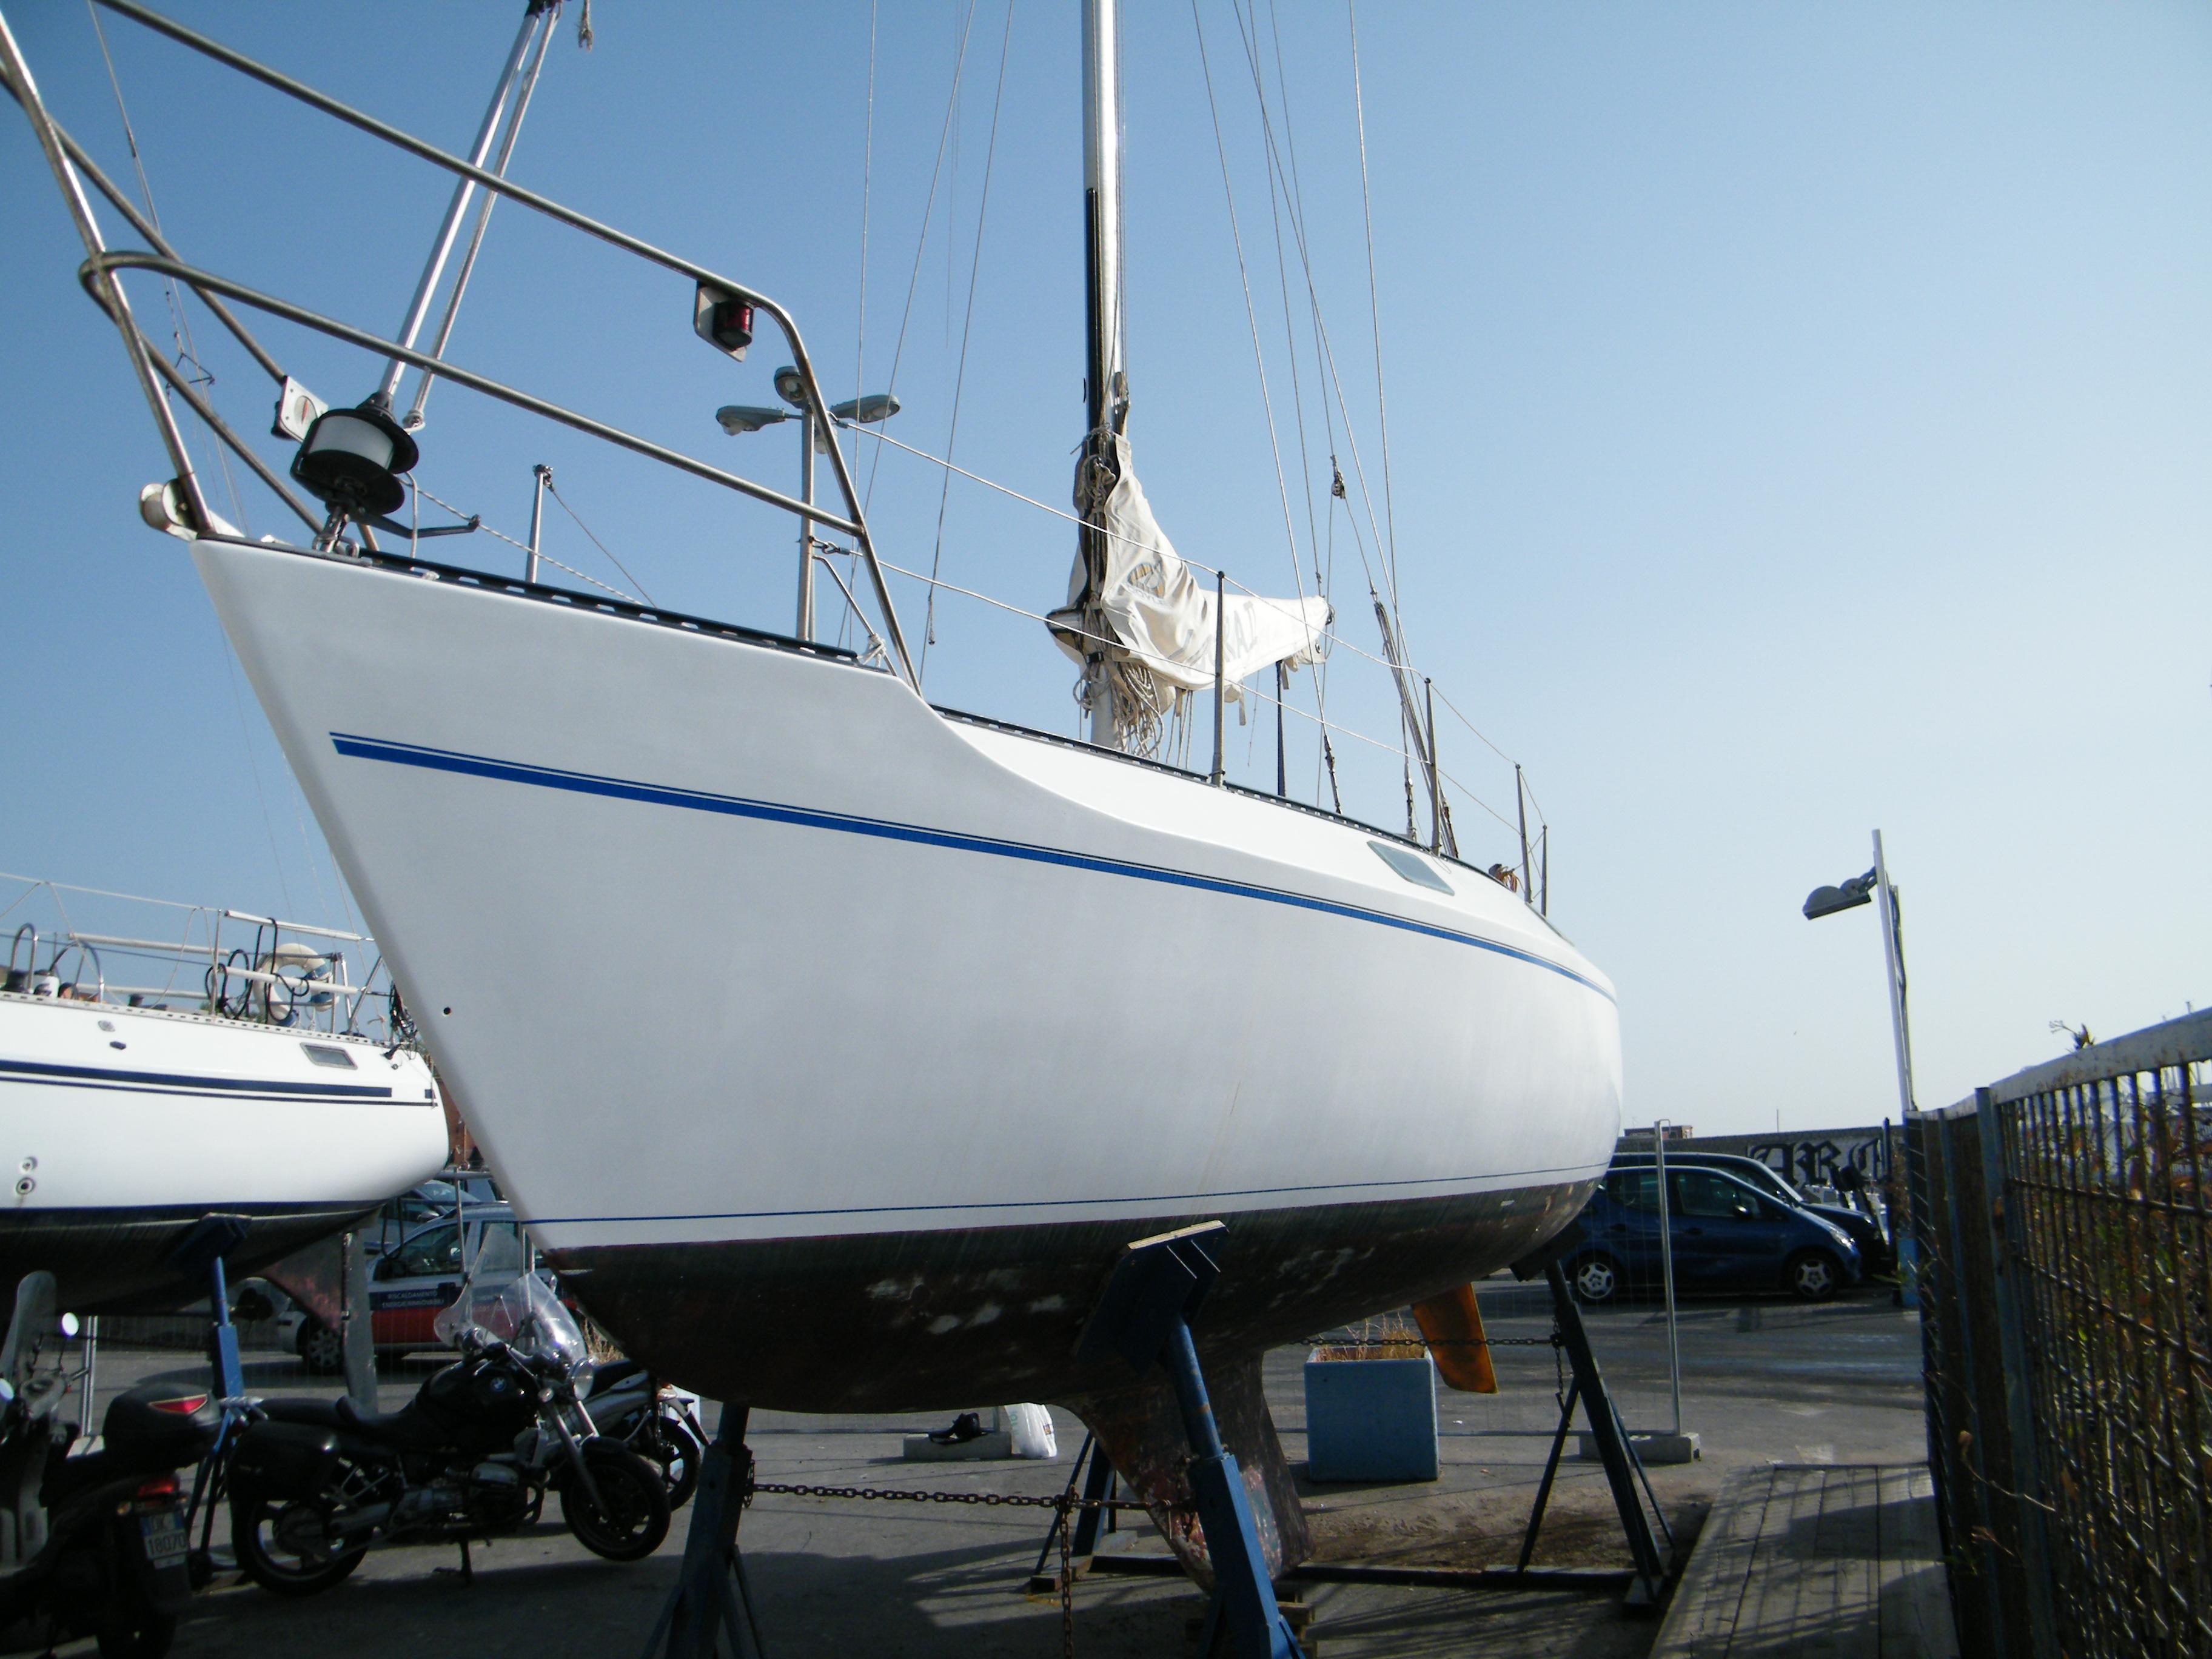 Vendita barche usate veneto nautica in vendita veneto for Mercatino usato frosinone